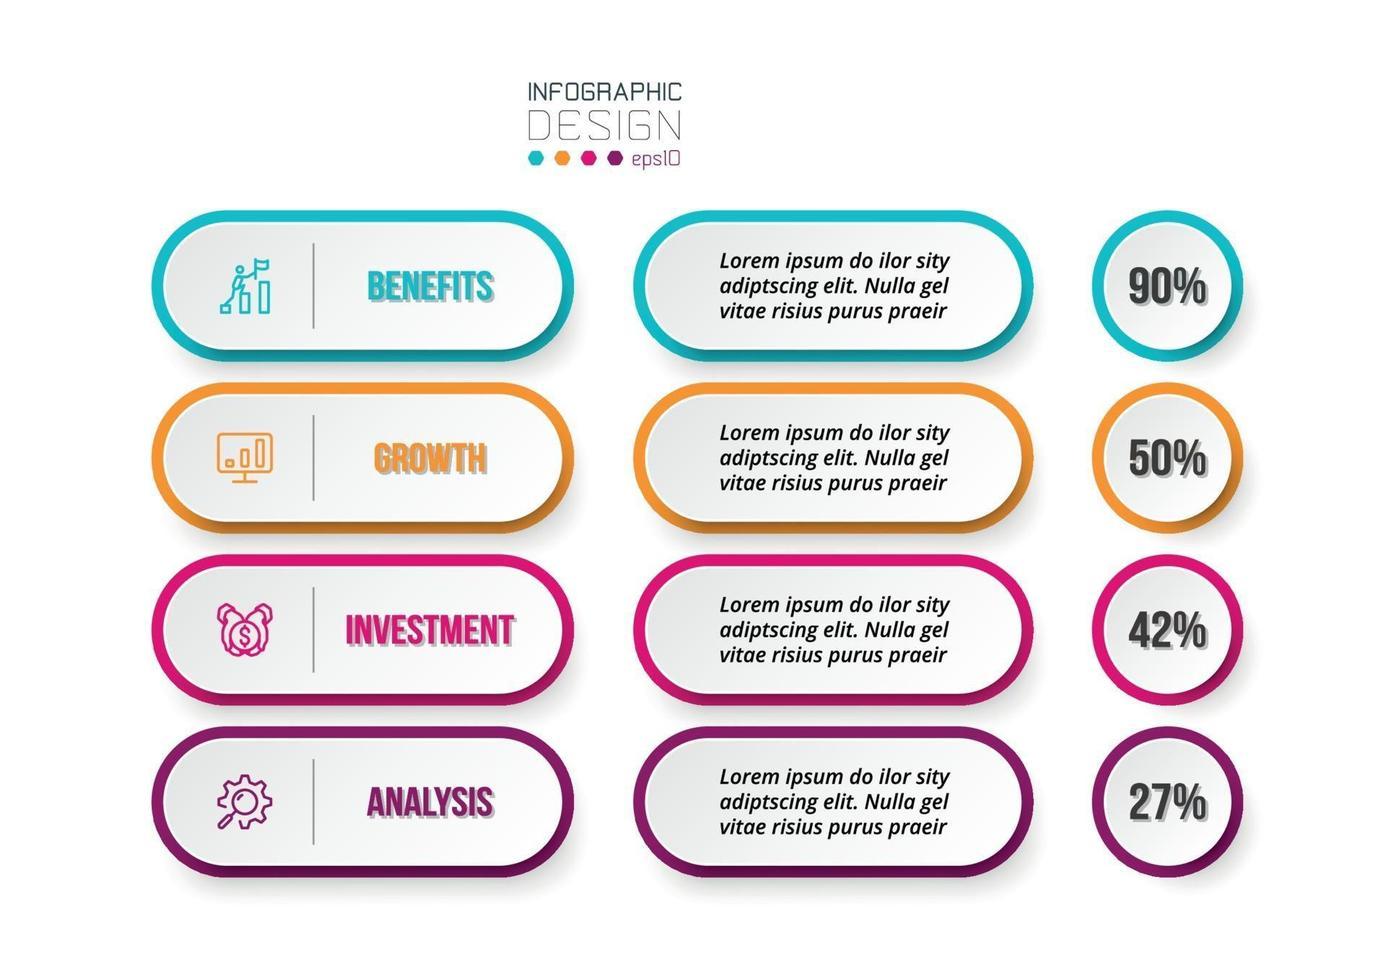 affärsidé infographic mall med alternativprocent. vektor